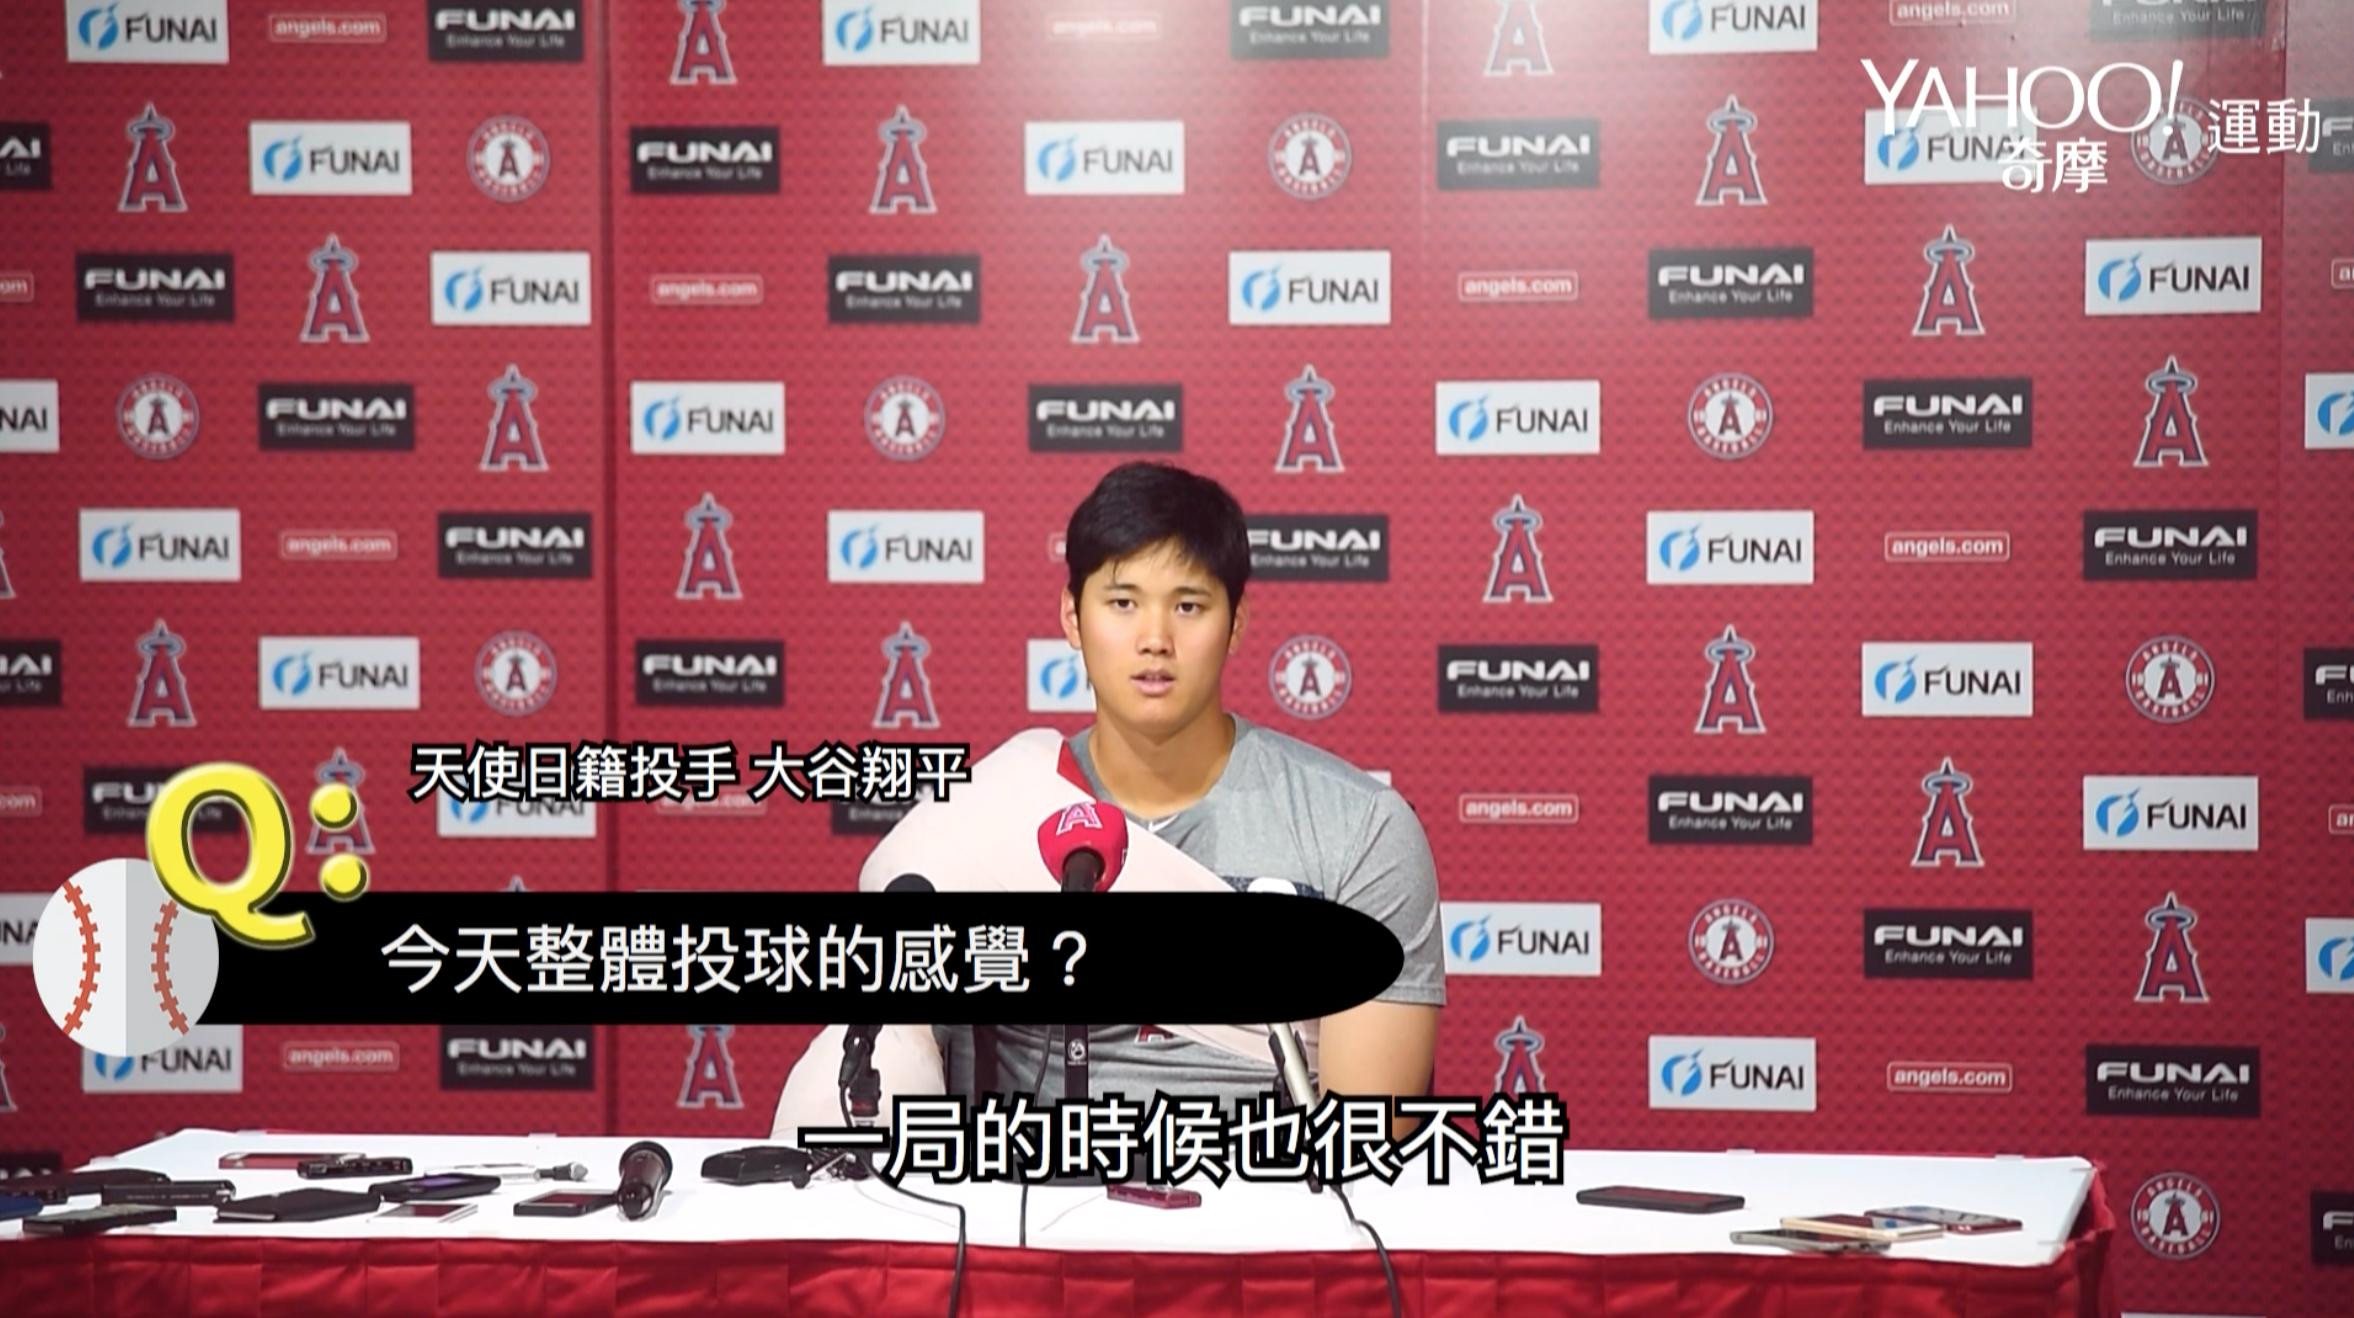 【大谷翔平專訪】拚全力贏球 相信未來會更好